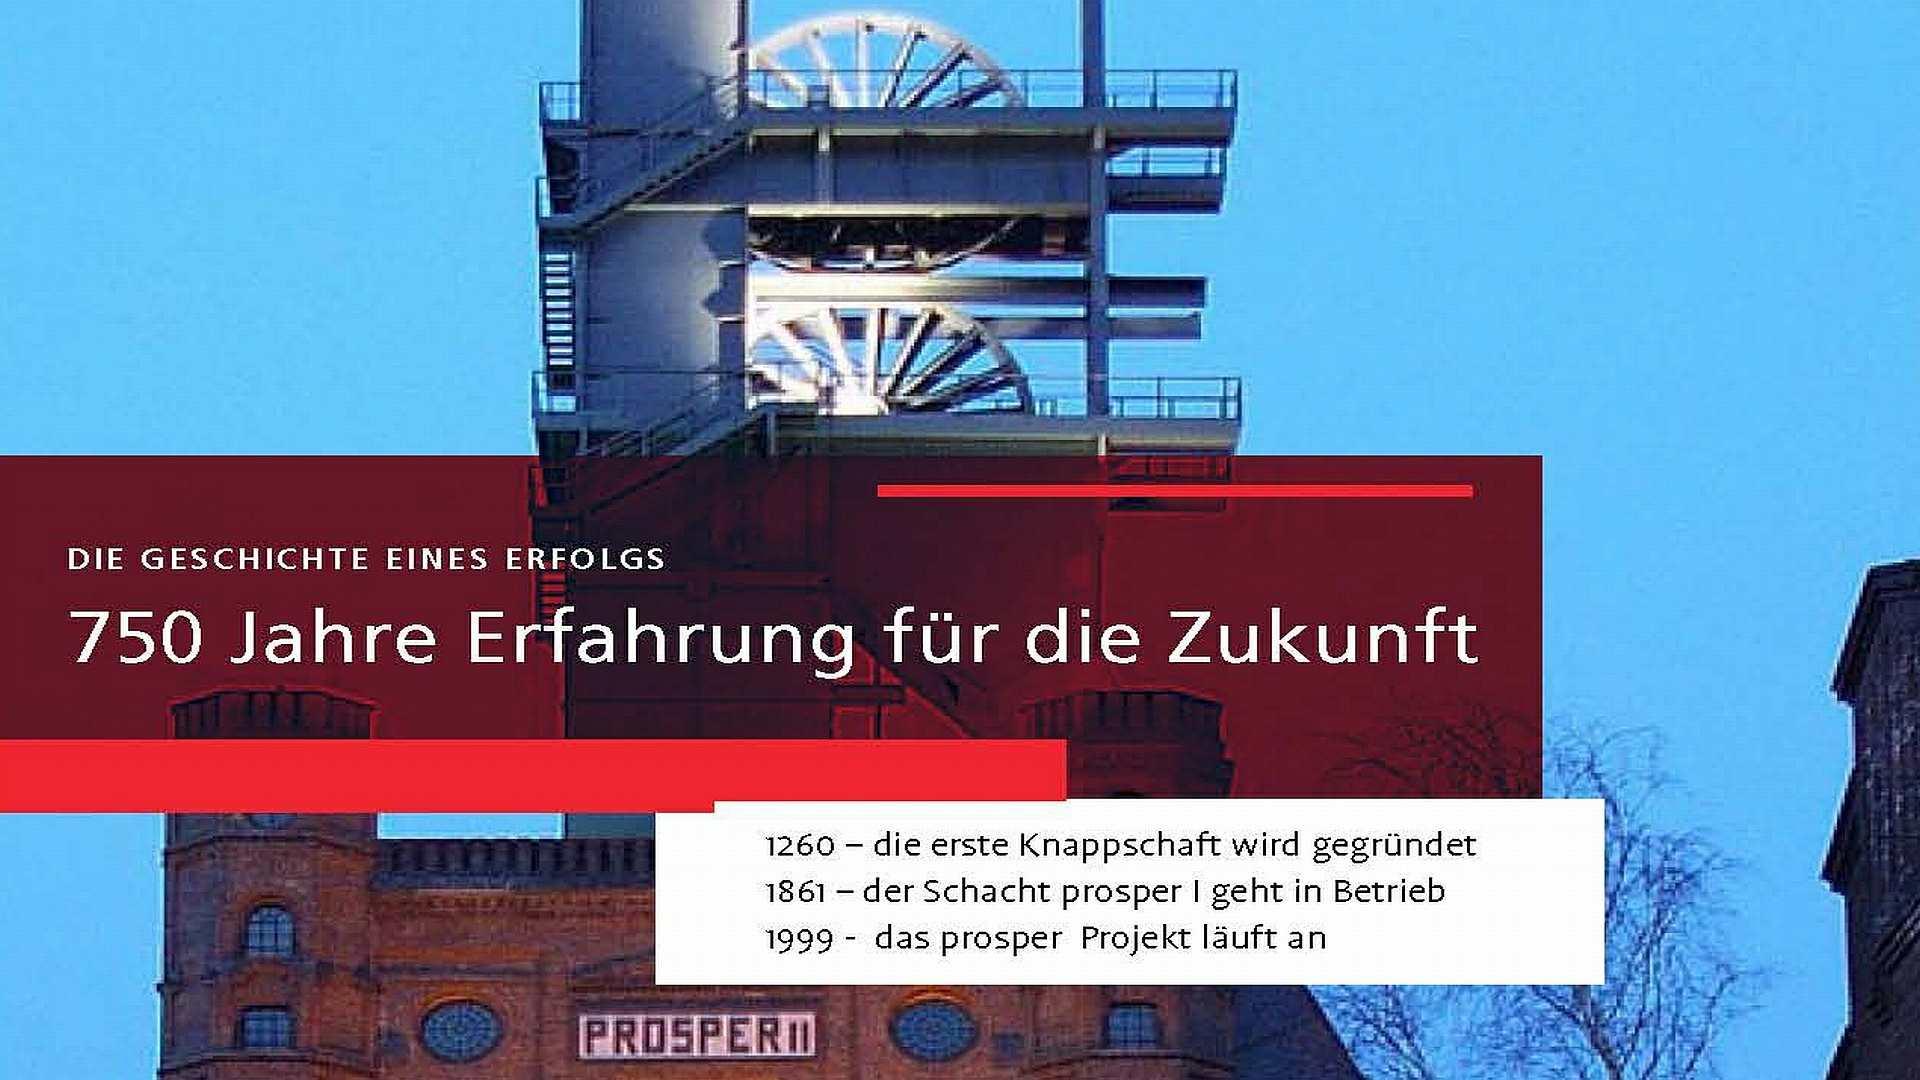 Broschüre prosper Seite 21 - Werbemittel